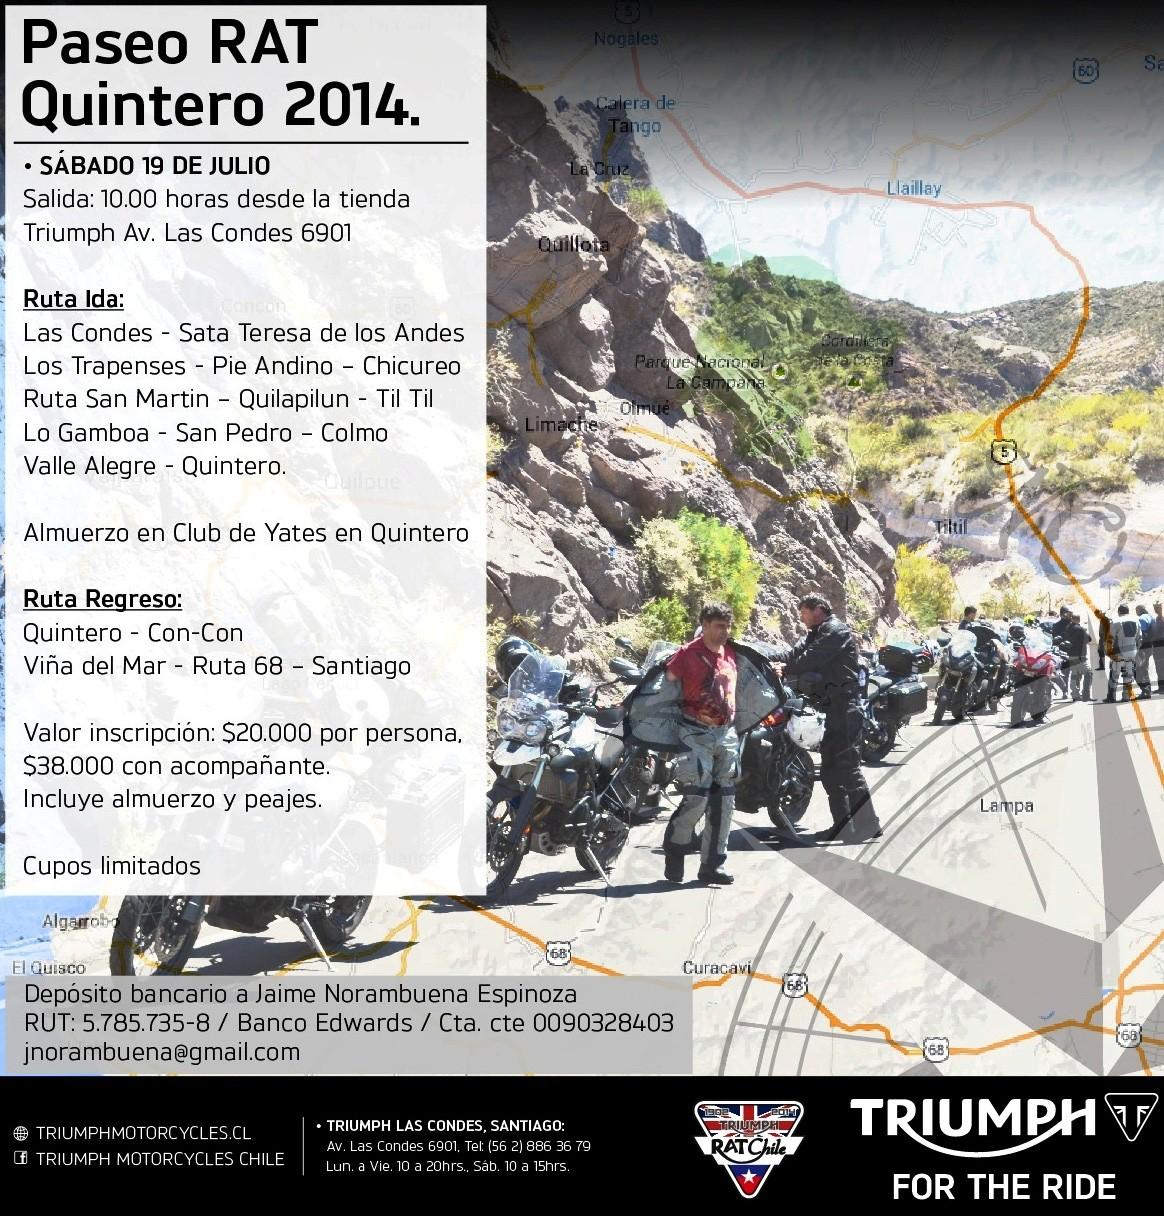 Paseo RAT - Quintero 2014